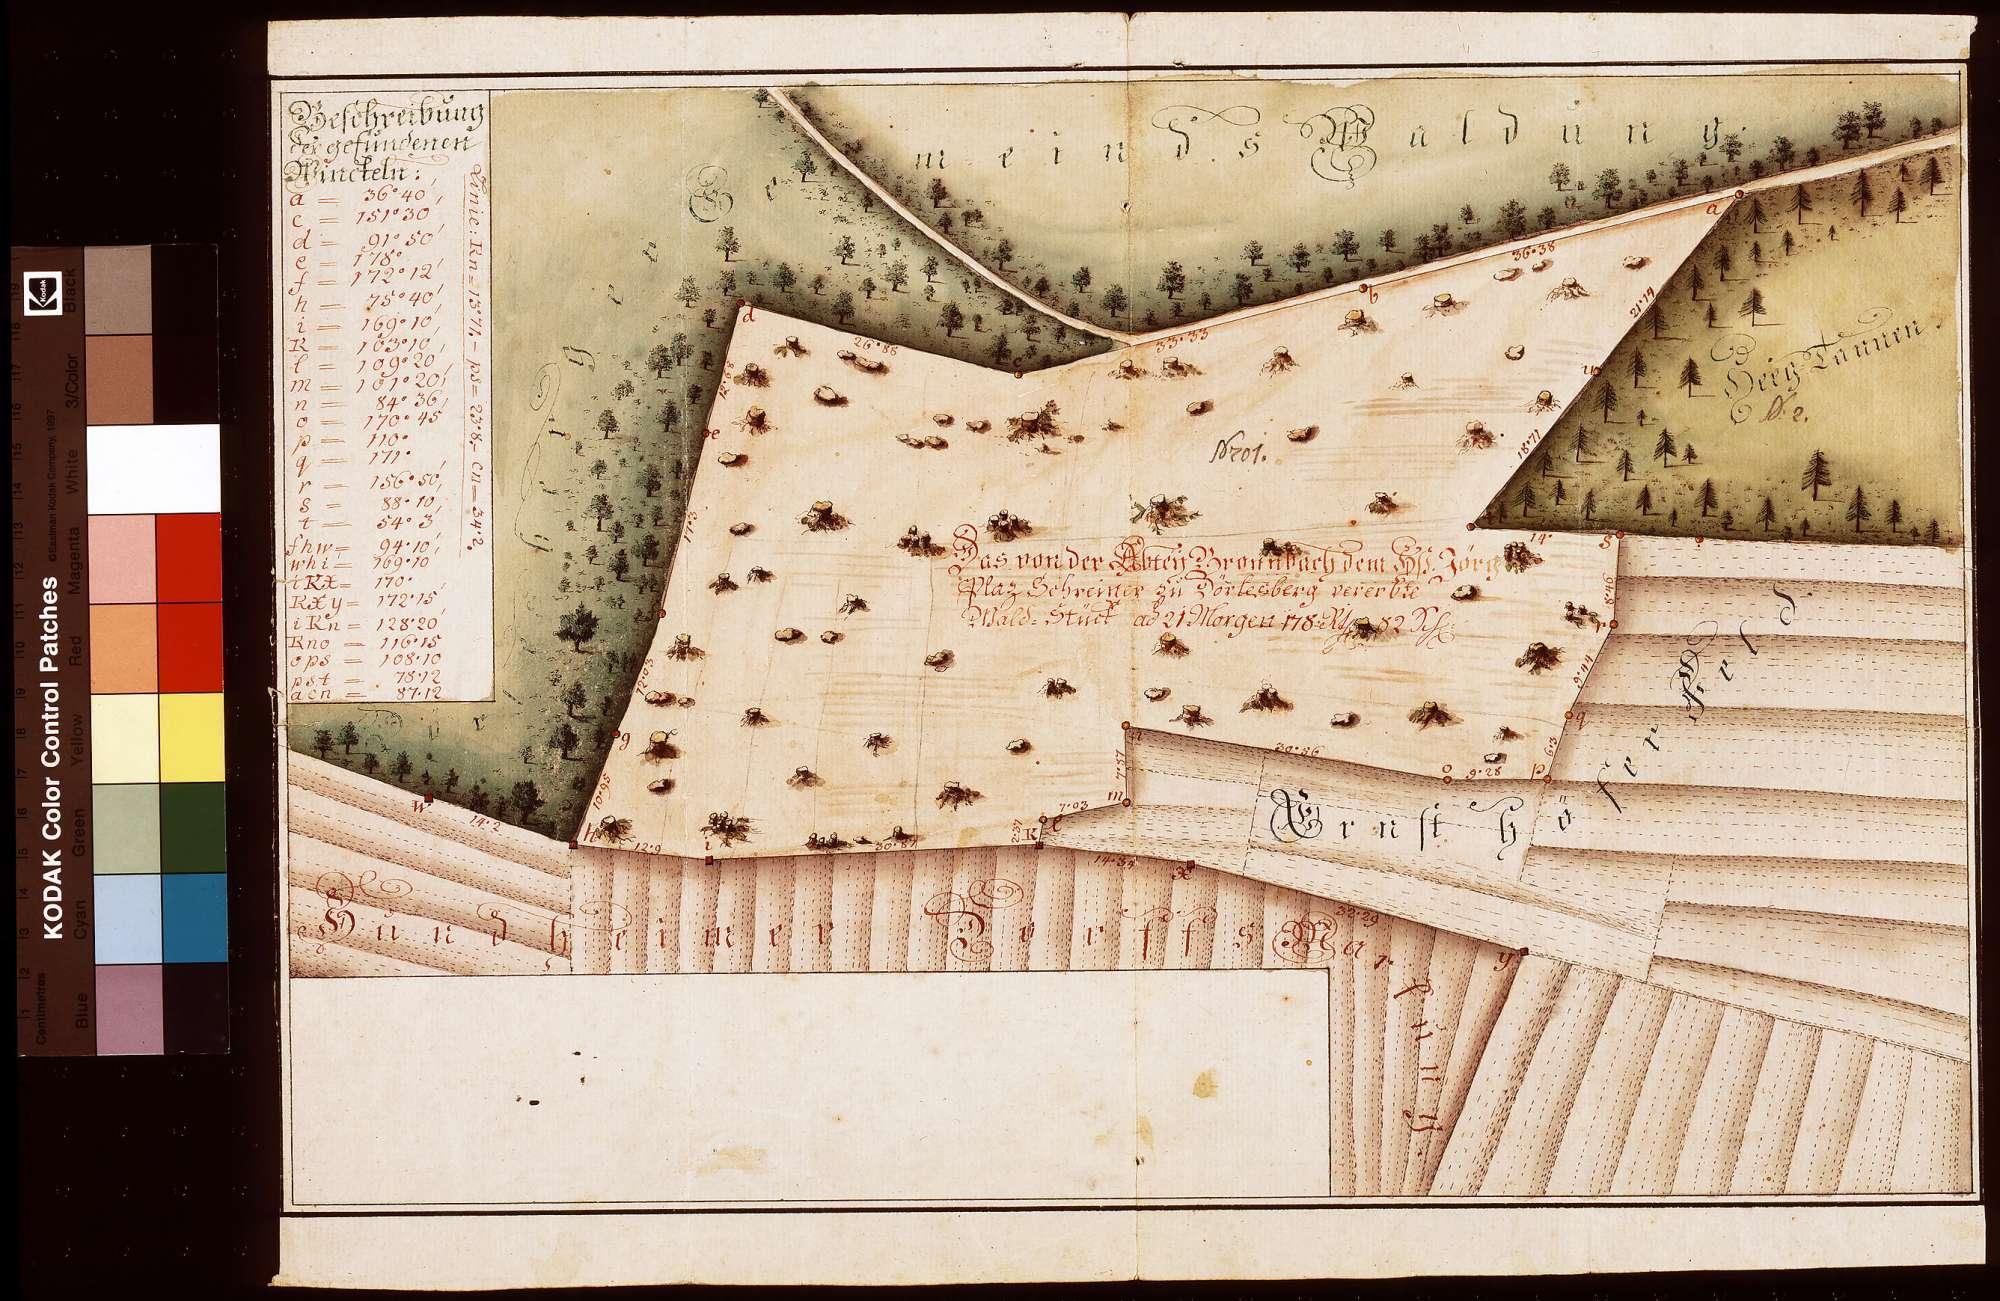 Das von der Abtei Bronnbach dem Hans Jörg Plaz, Schreiner zu Dörlesberg, vererbte Waldstück, Bild 1